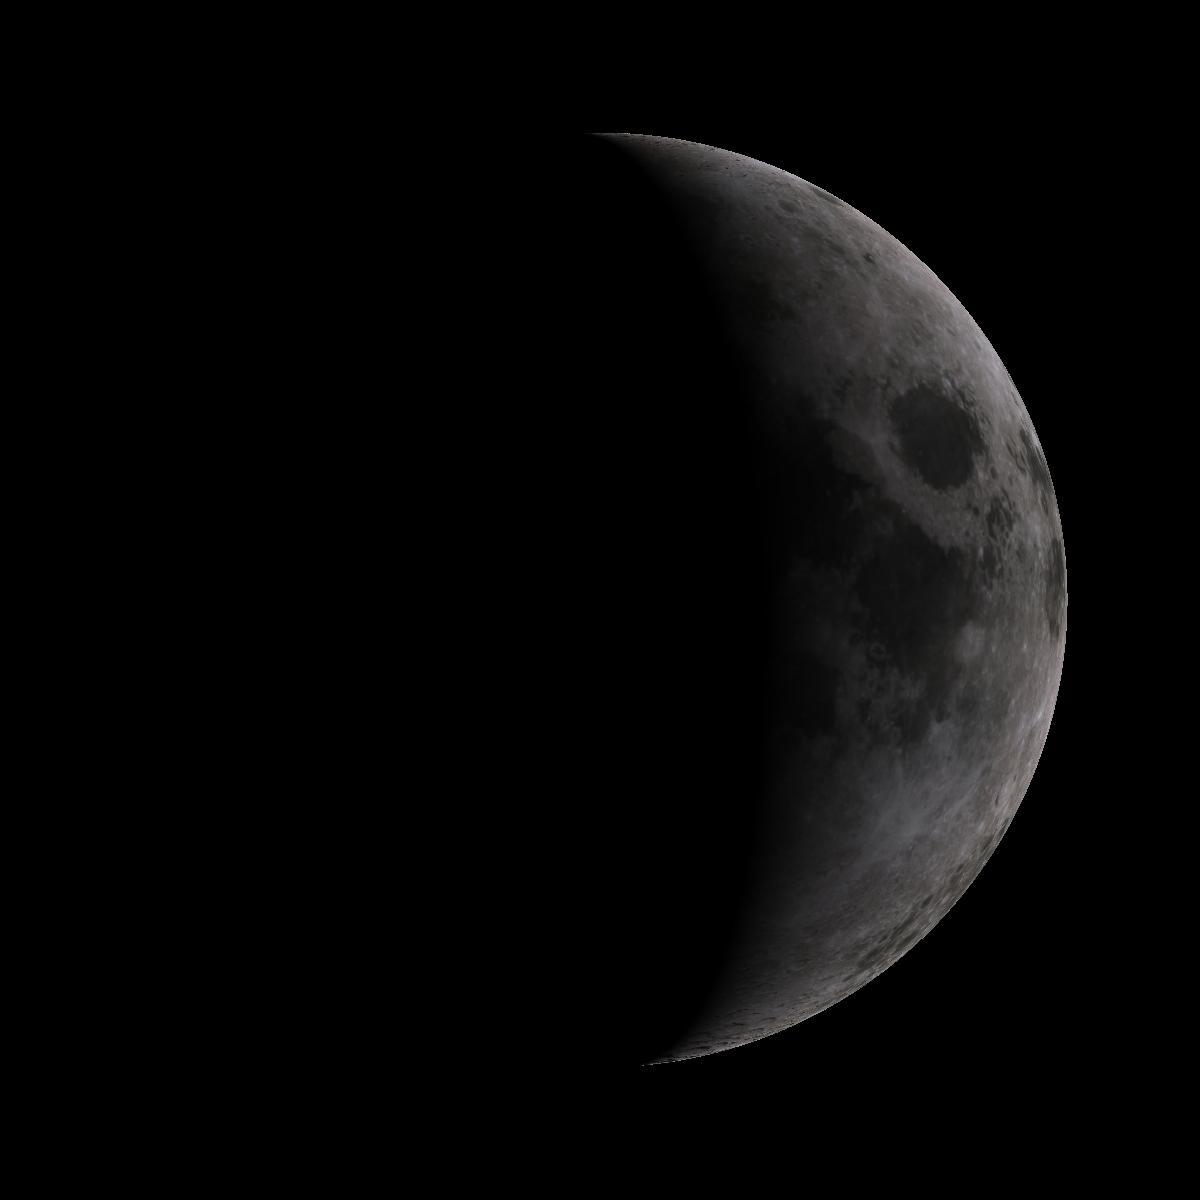 Lune du 4 octobre 2019